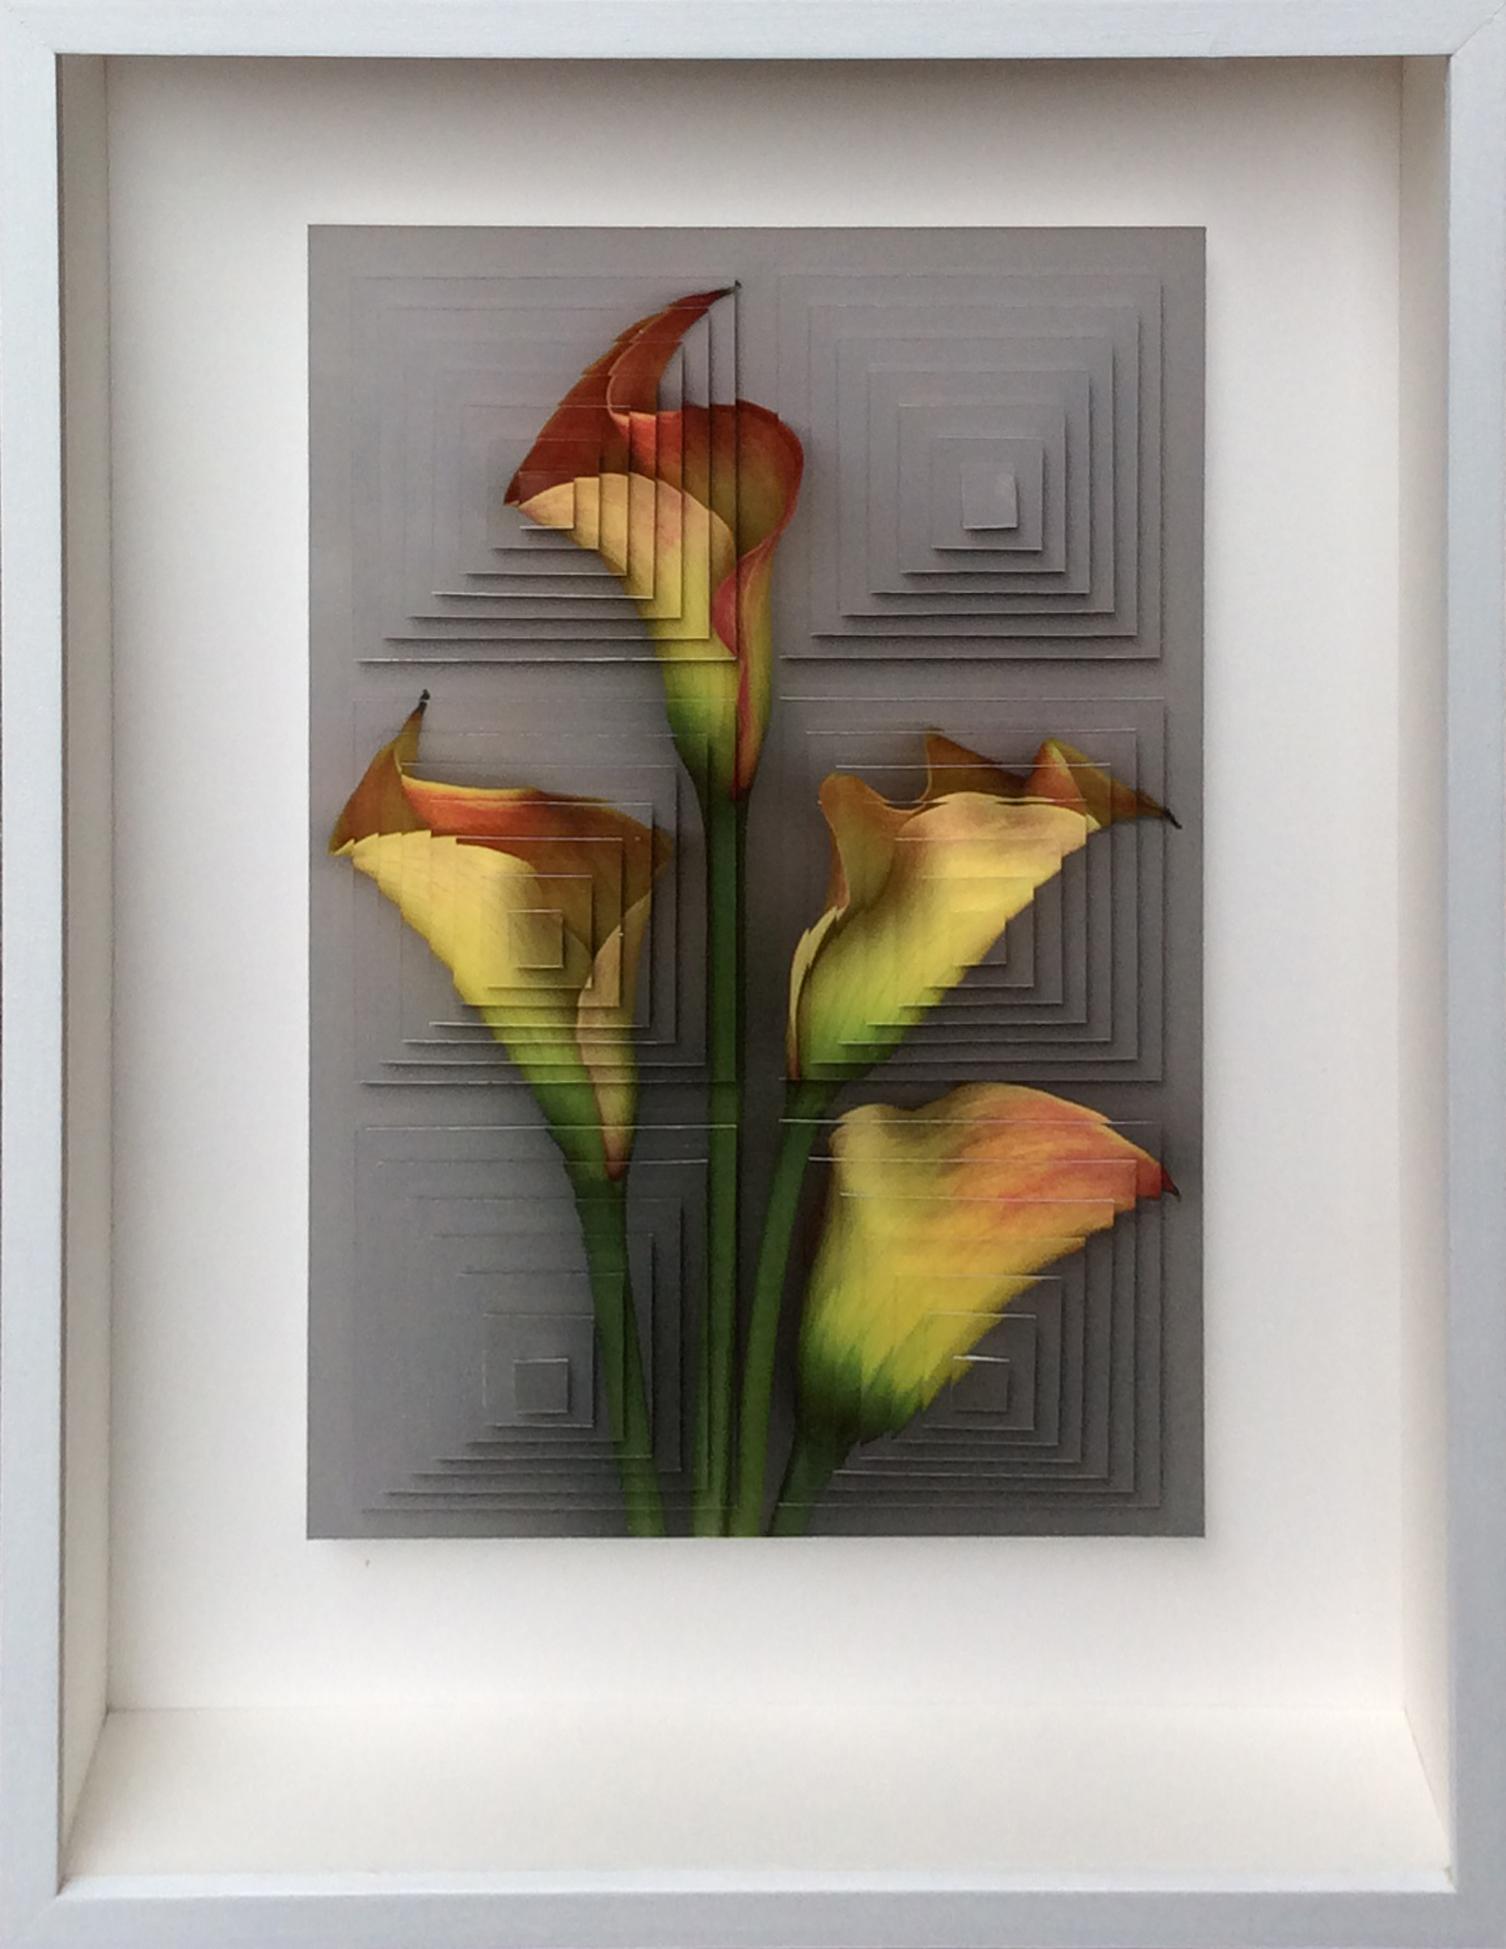 4. Galleria-l'Affiche_Alfred-Drago-Rens_Fiore (14)_2015 - 33,2x25,7 cm.jpg